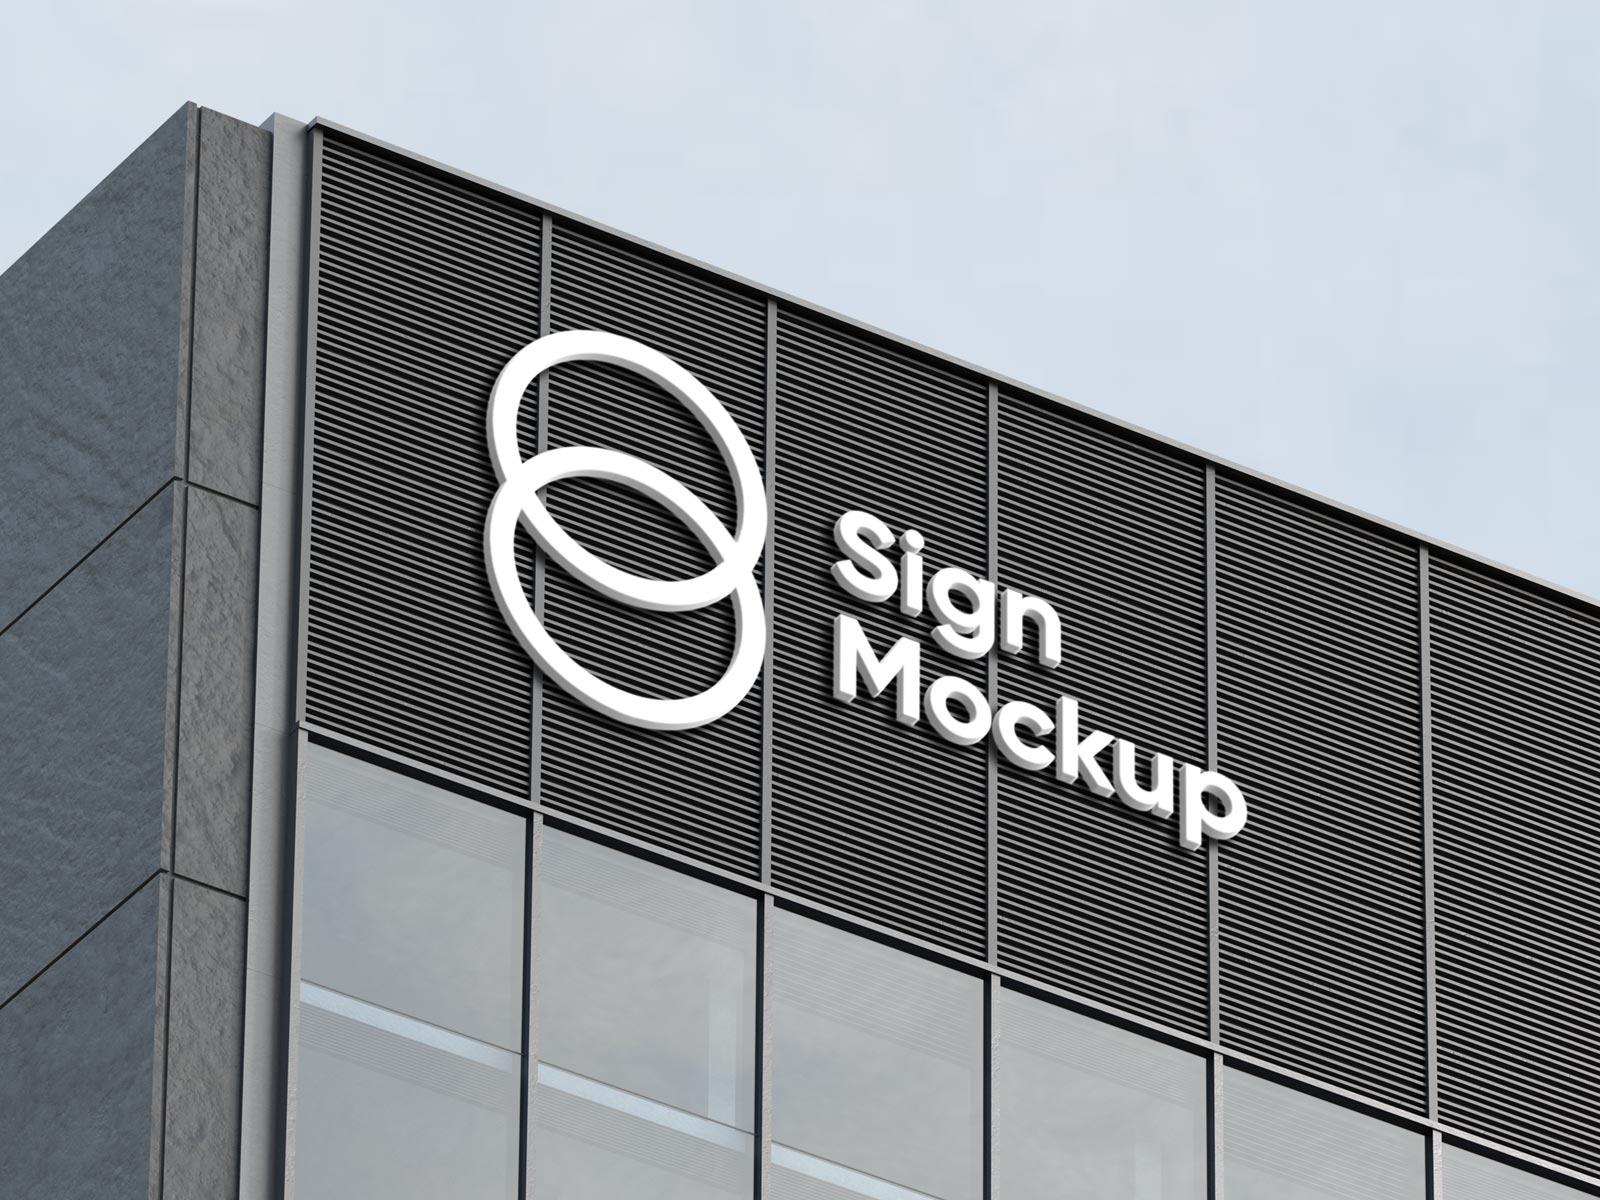 Free-Building-Sign-Company-Logo-Mockup-PSD-2